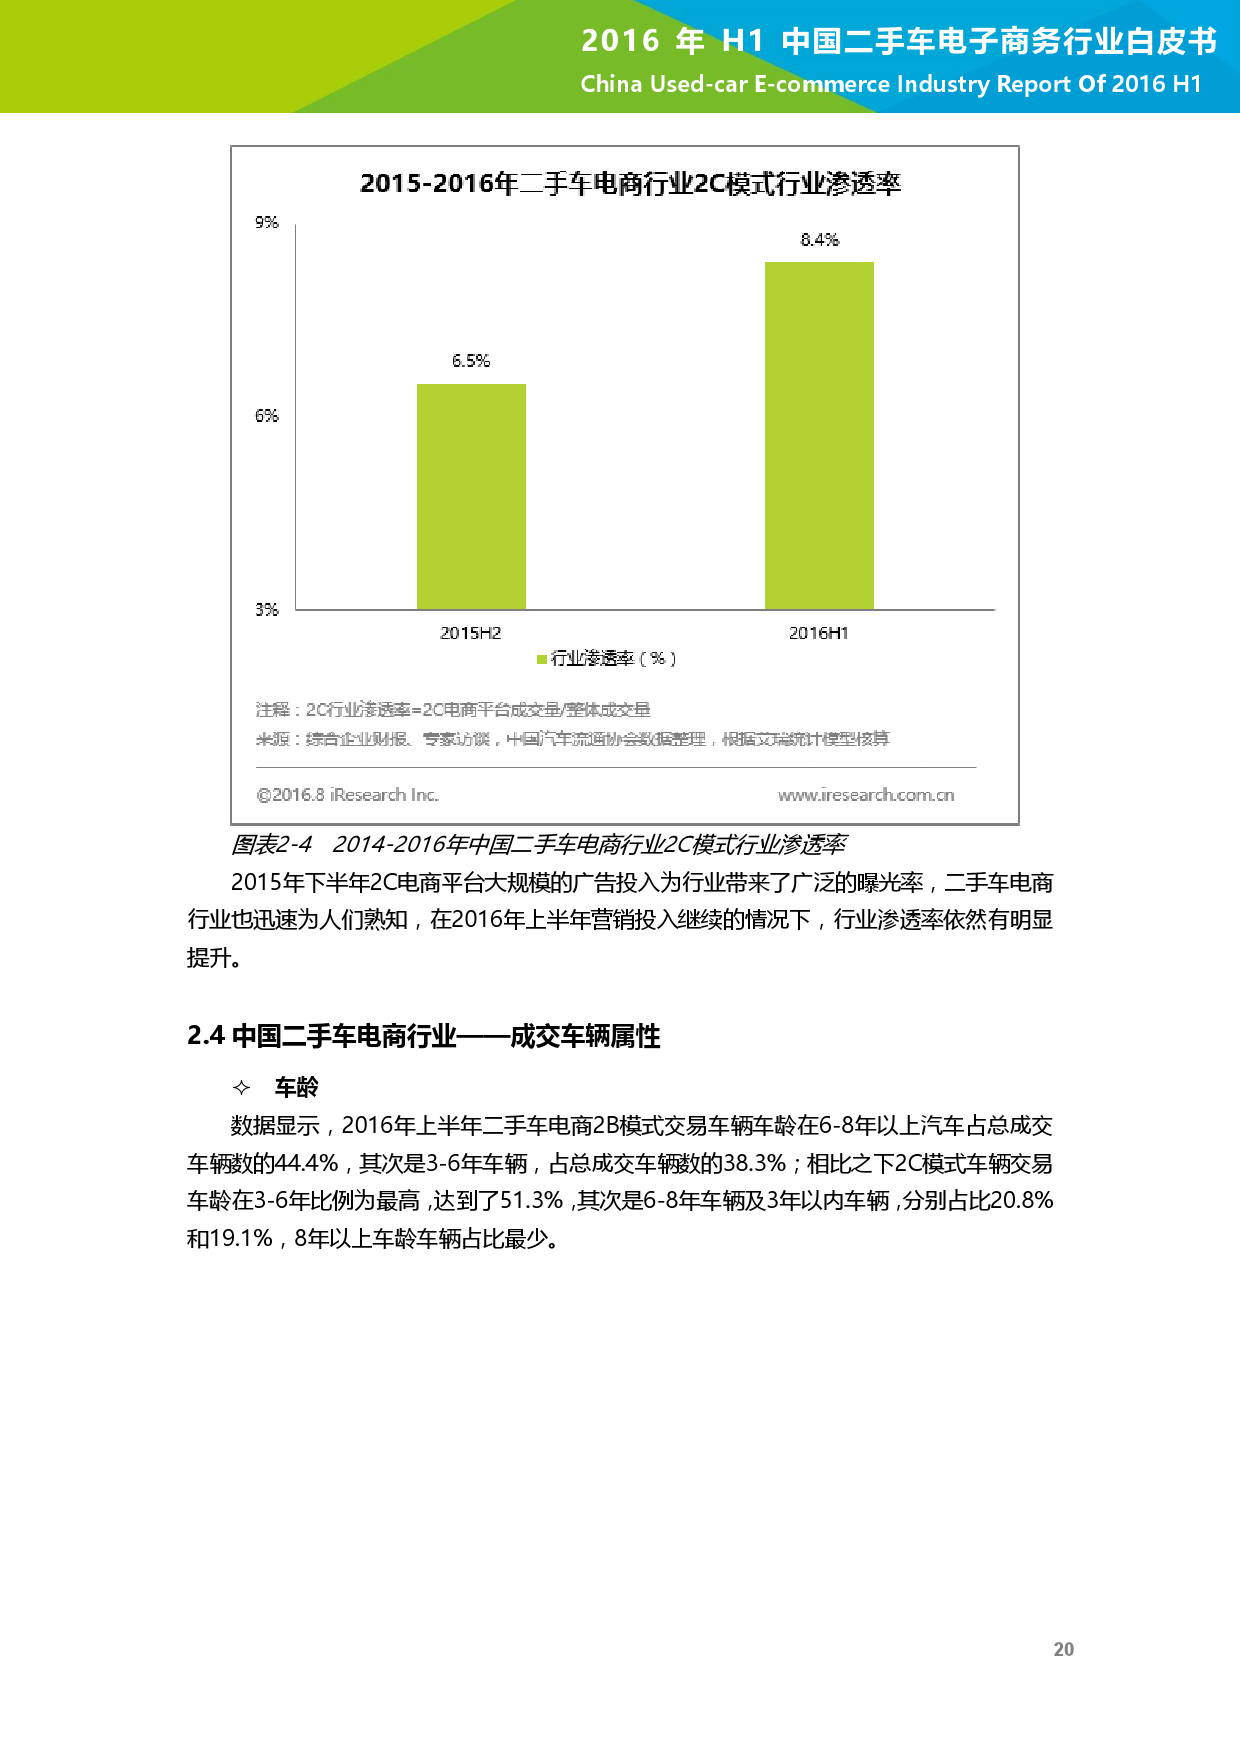 2016年H1中国二手车电子商务行业白皮书_000021